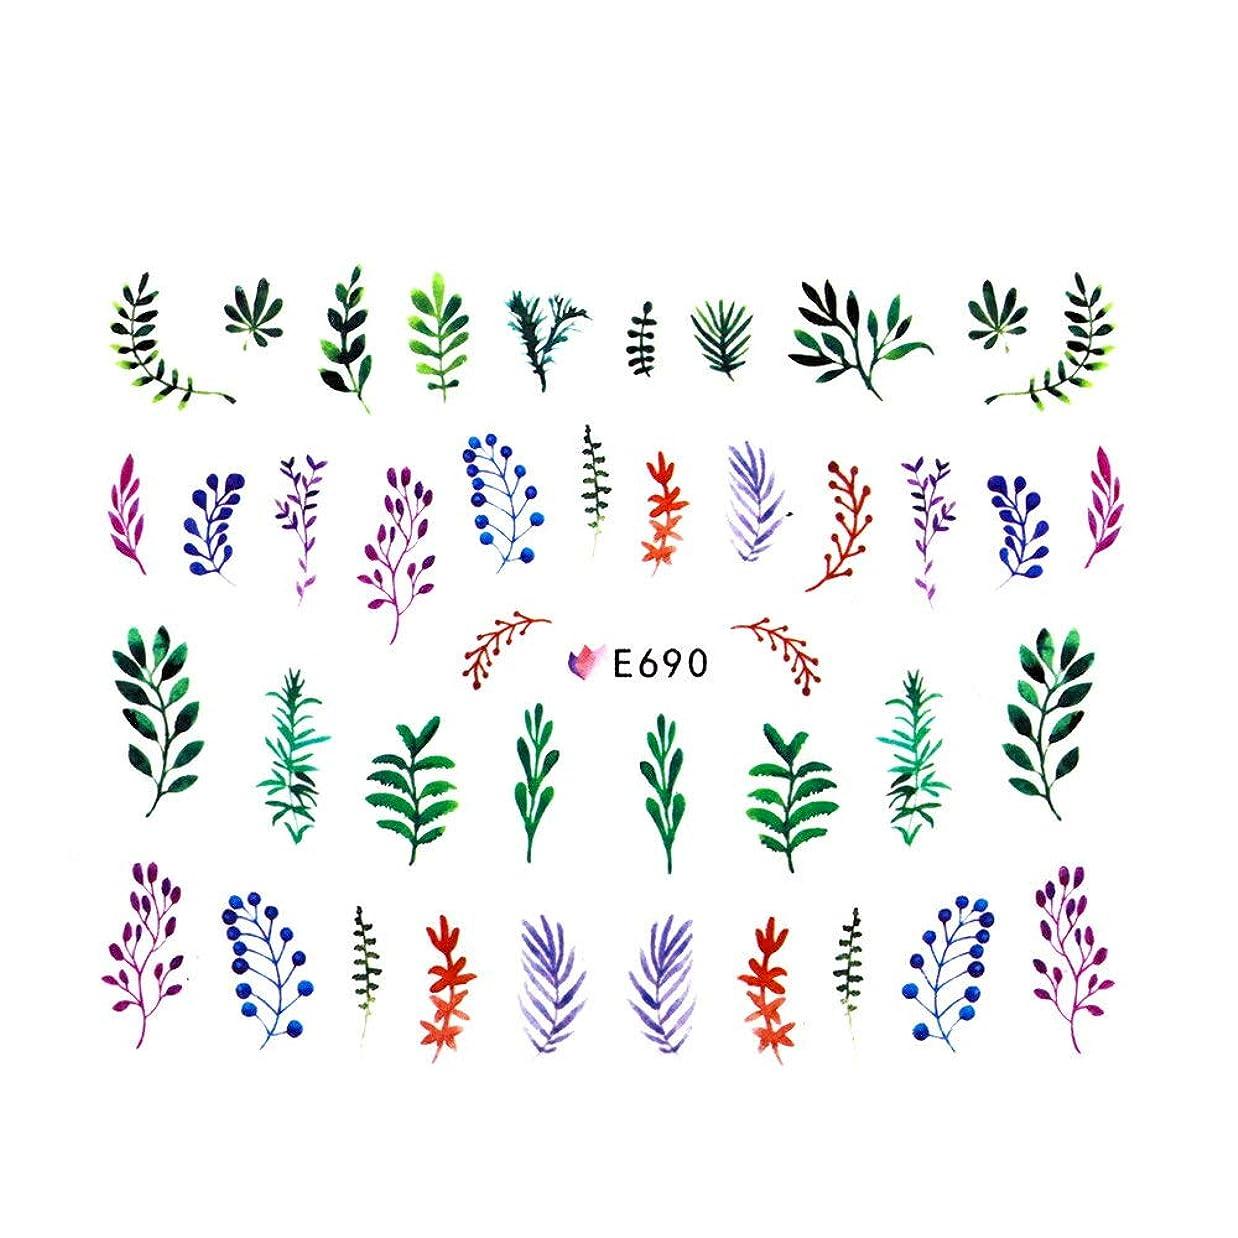 冷酷な平等郵便番号irogel イロジェル ネイルシール 北欧風ボタニカルシール【E690】草花 フラワー 植物 草 葉